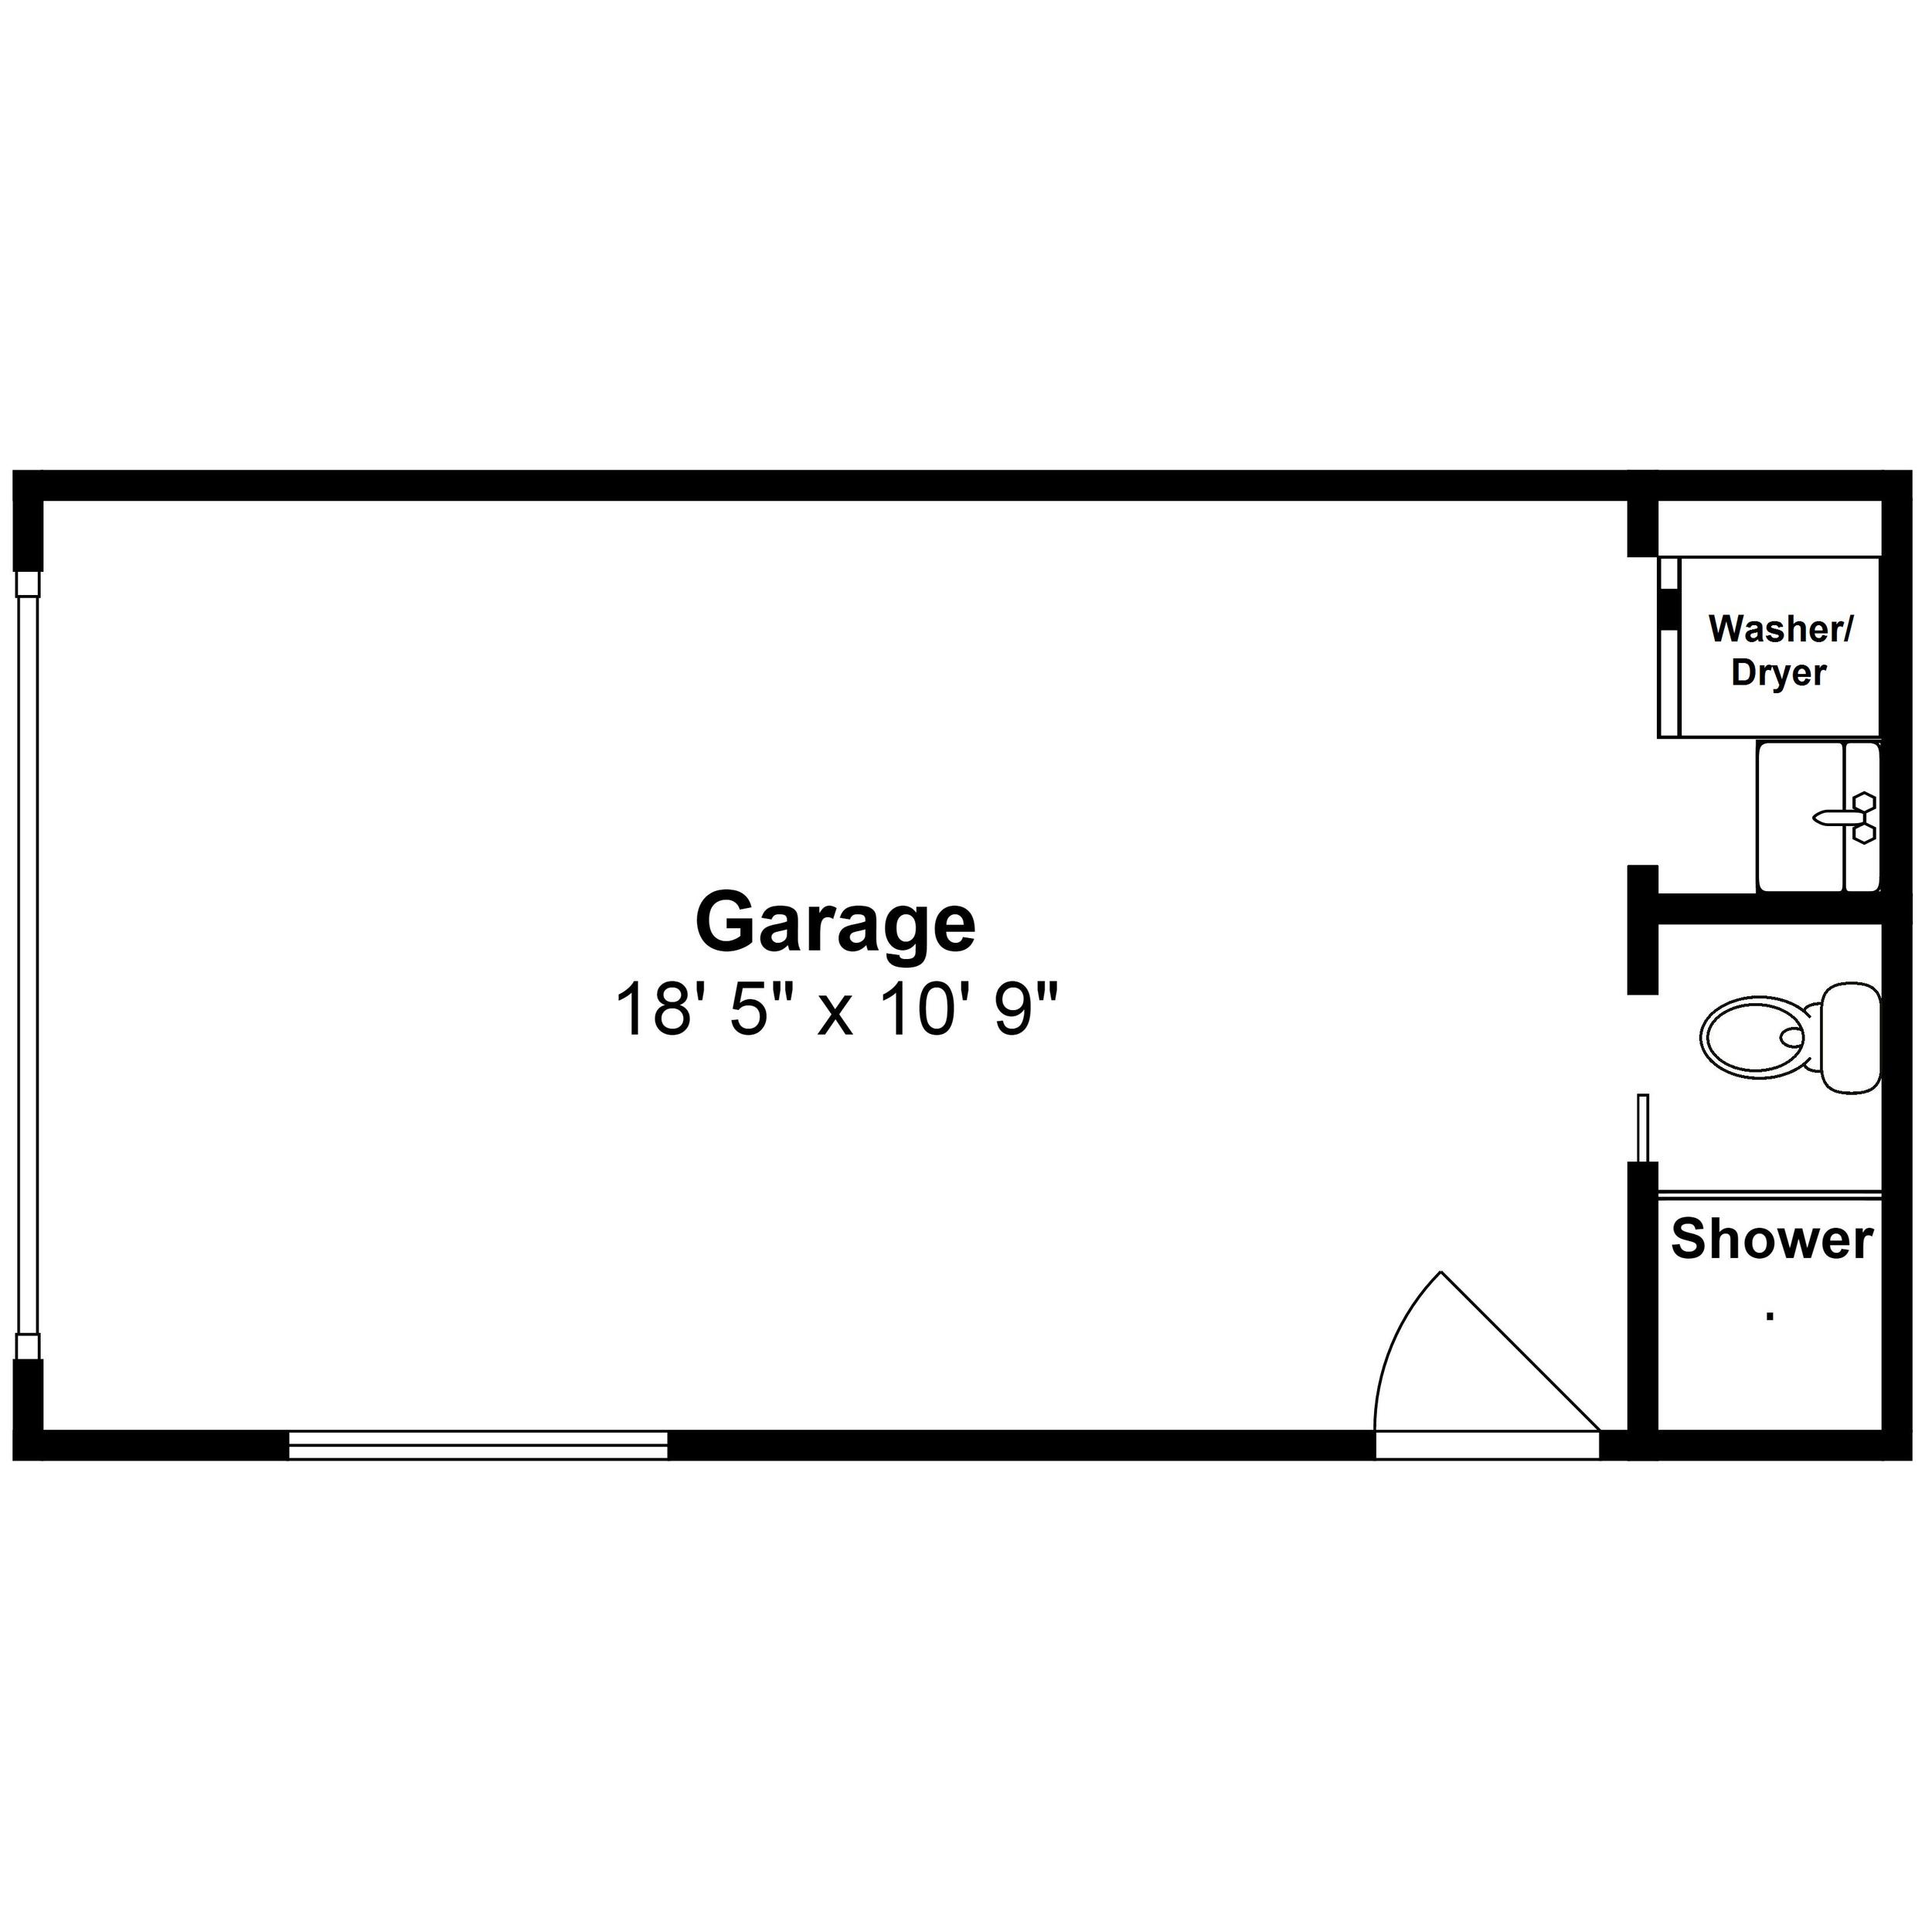 2139 Wellesley Street_Garage square.jpg